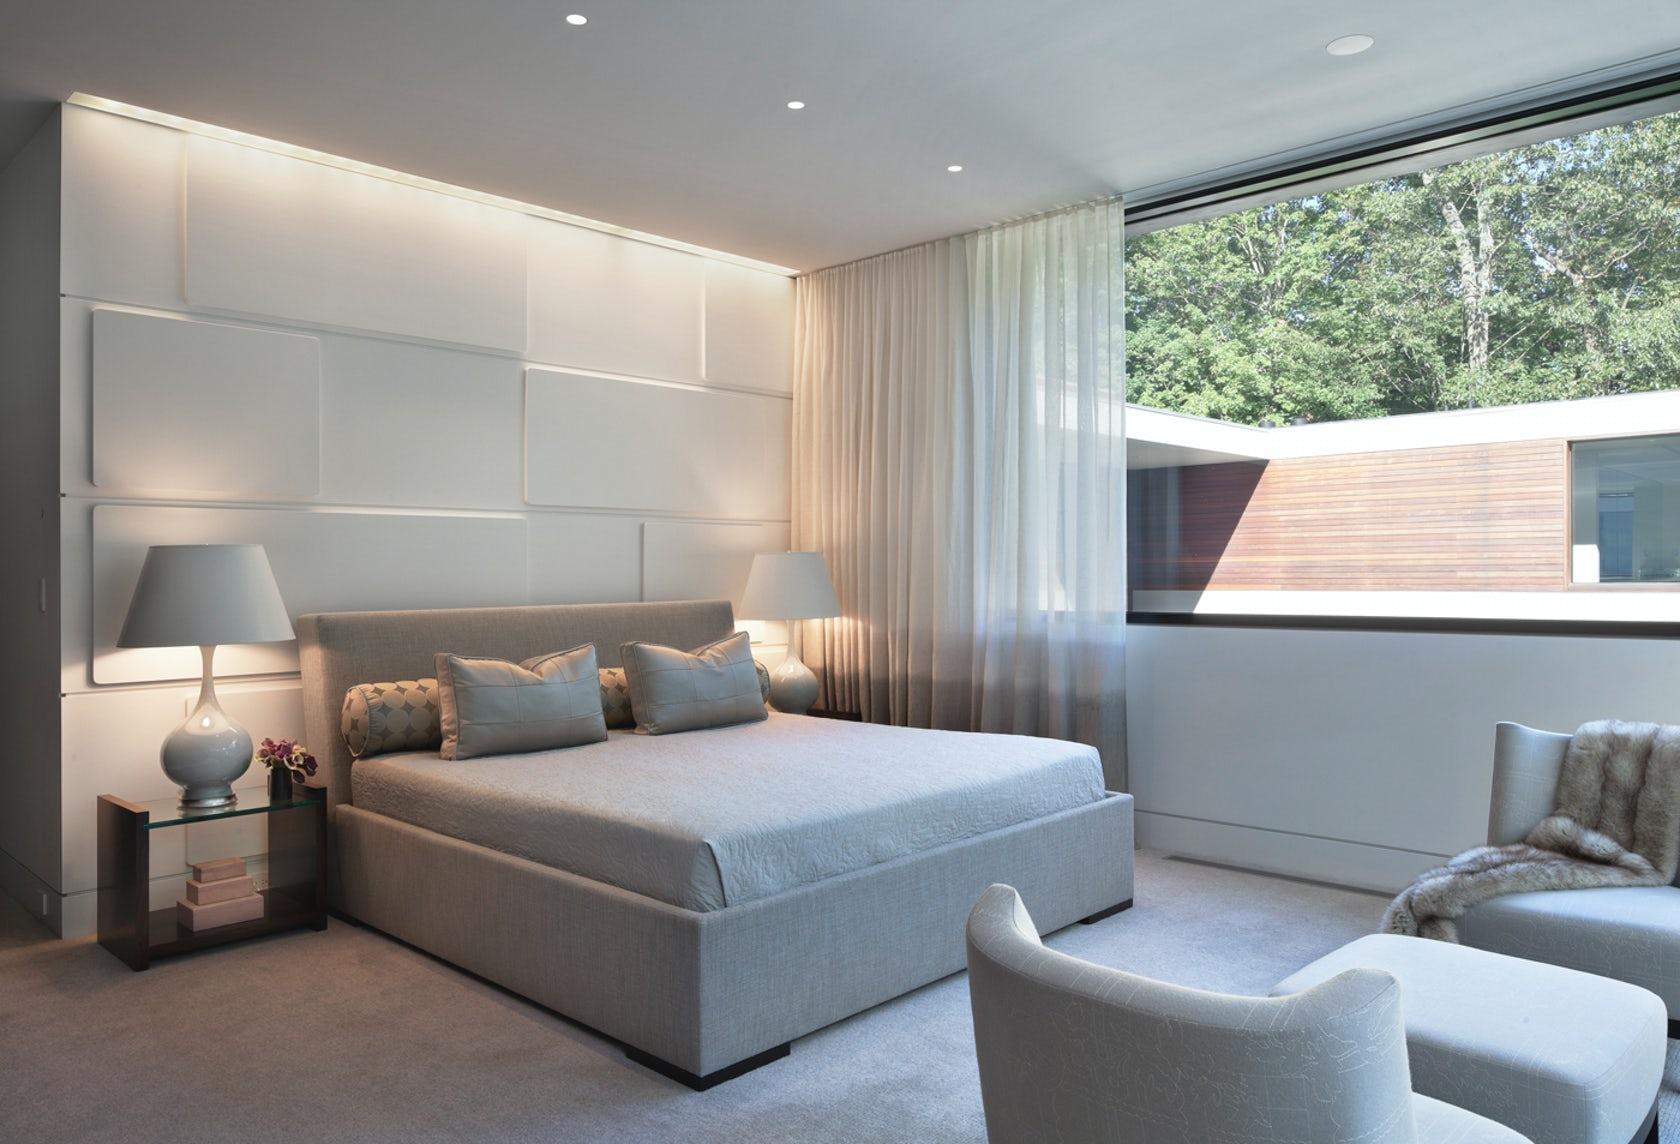 Phòng ngủ tràn ngập ánh sáng và bộ bàn ghế tiếp khách